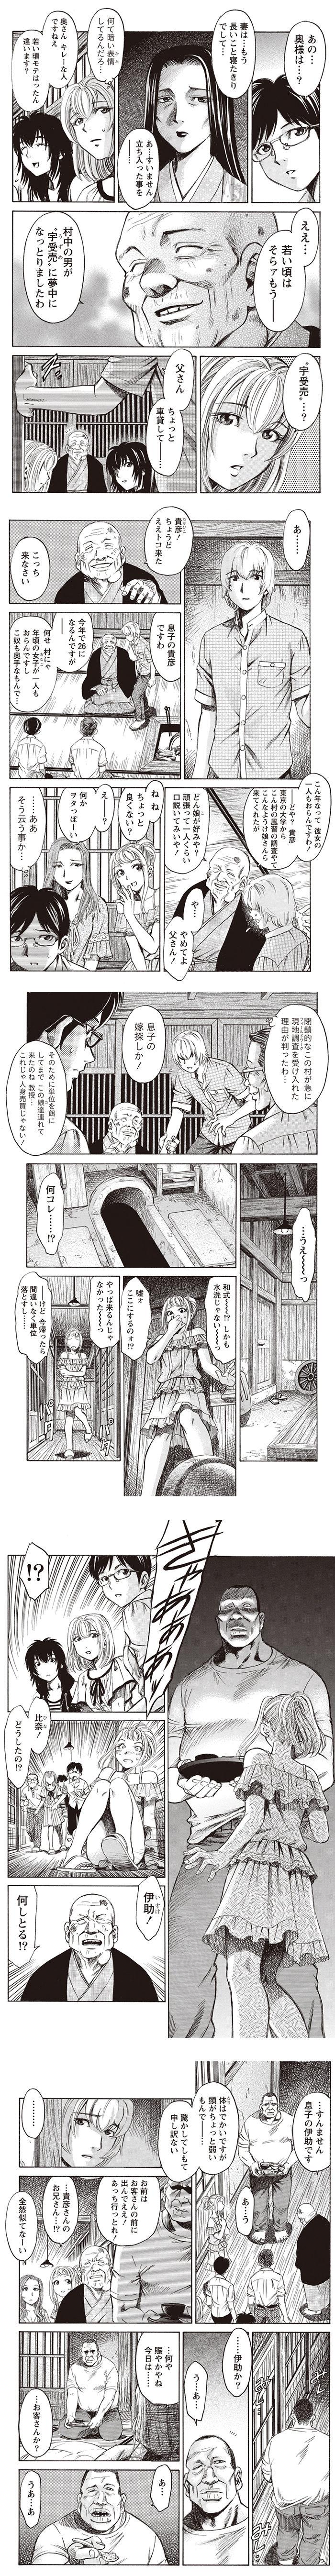 shisyu1-3